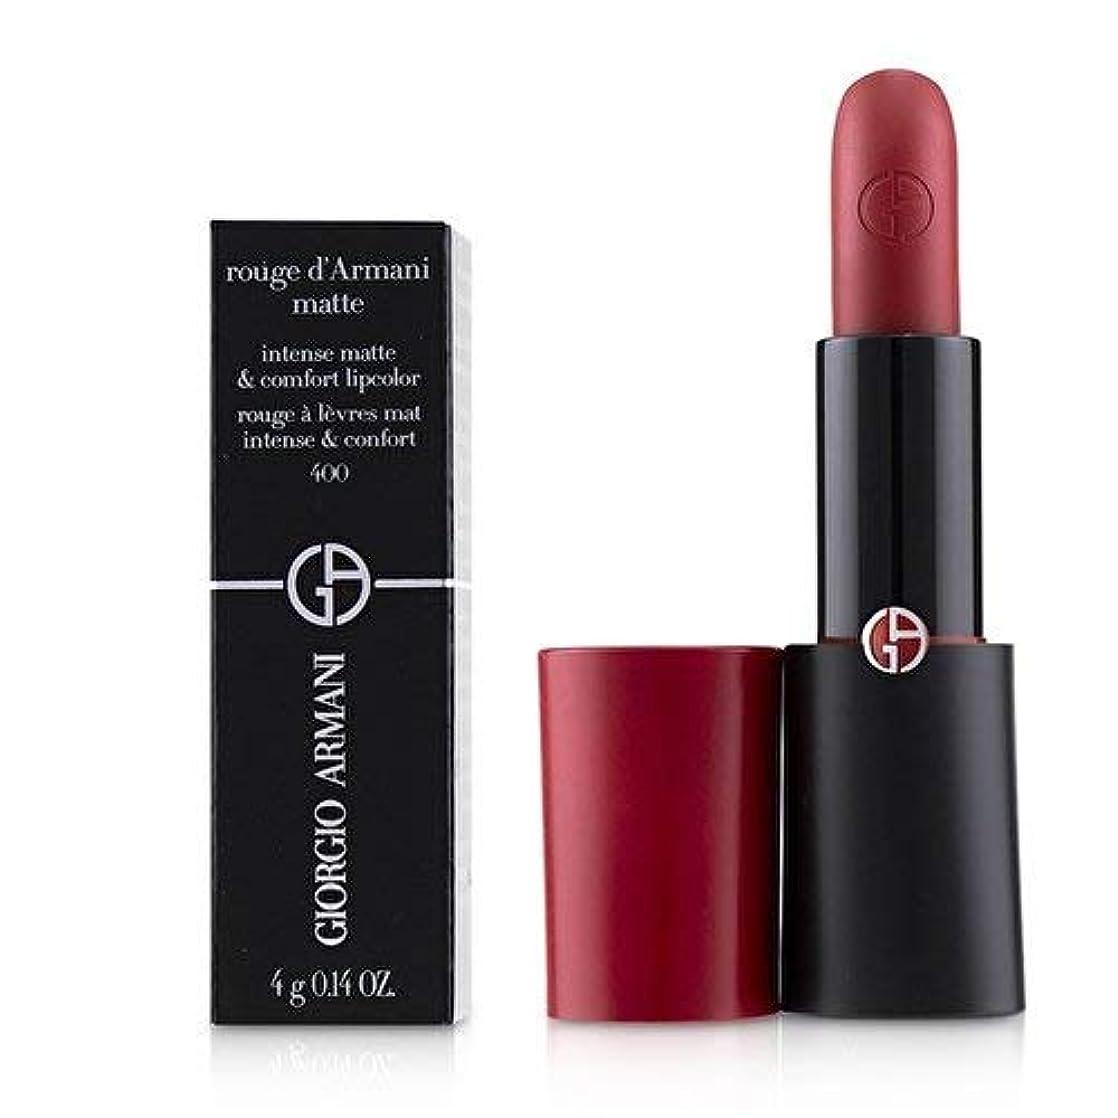 臨検過ち魅了するジョルジオアルマーニ Rouge D'Armani Matte Intense Matte & Comfort Lipcolor - # 400 Four Hundred 4g/0.14oz並行輸入品